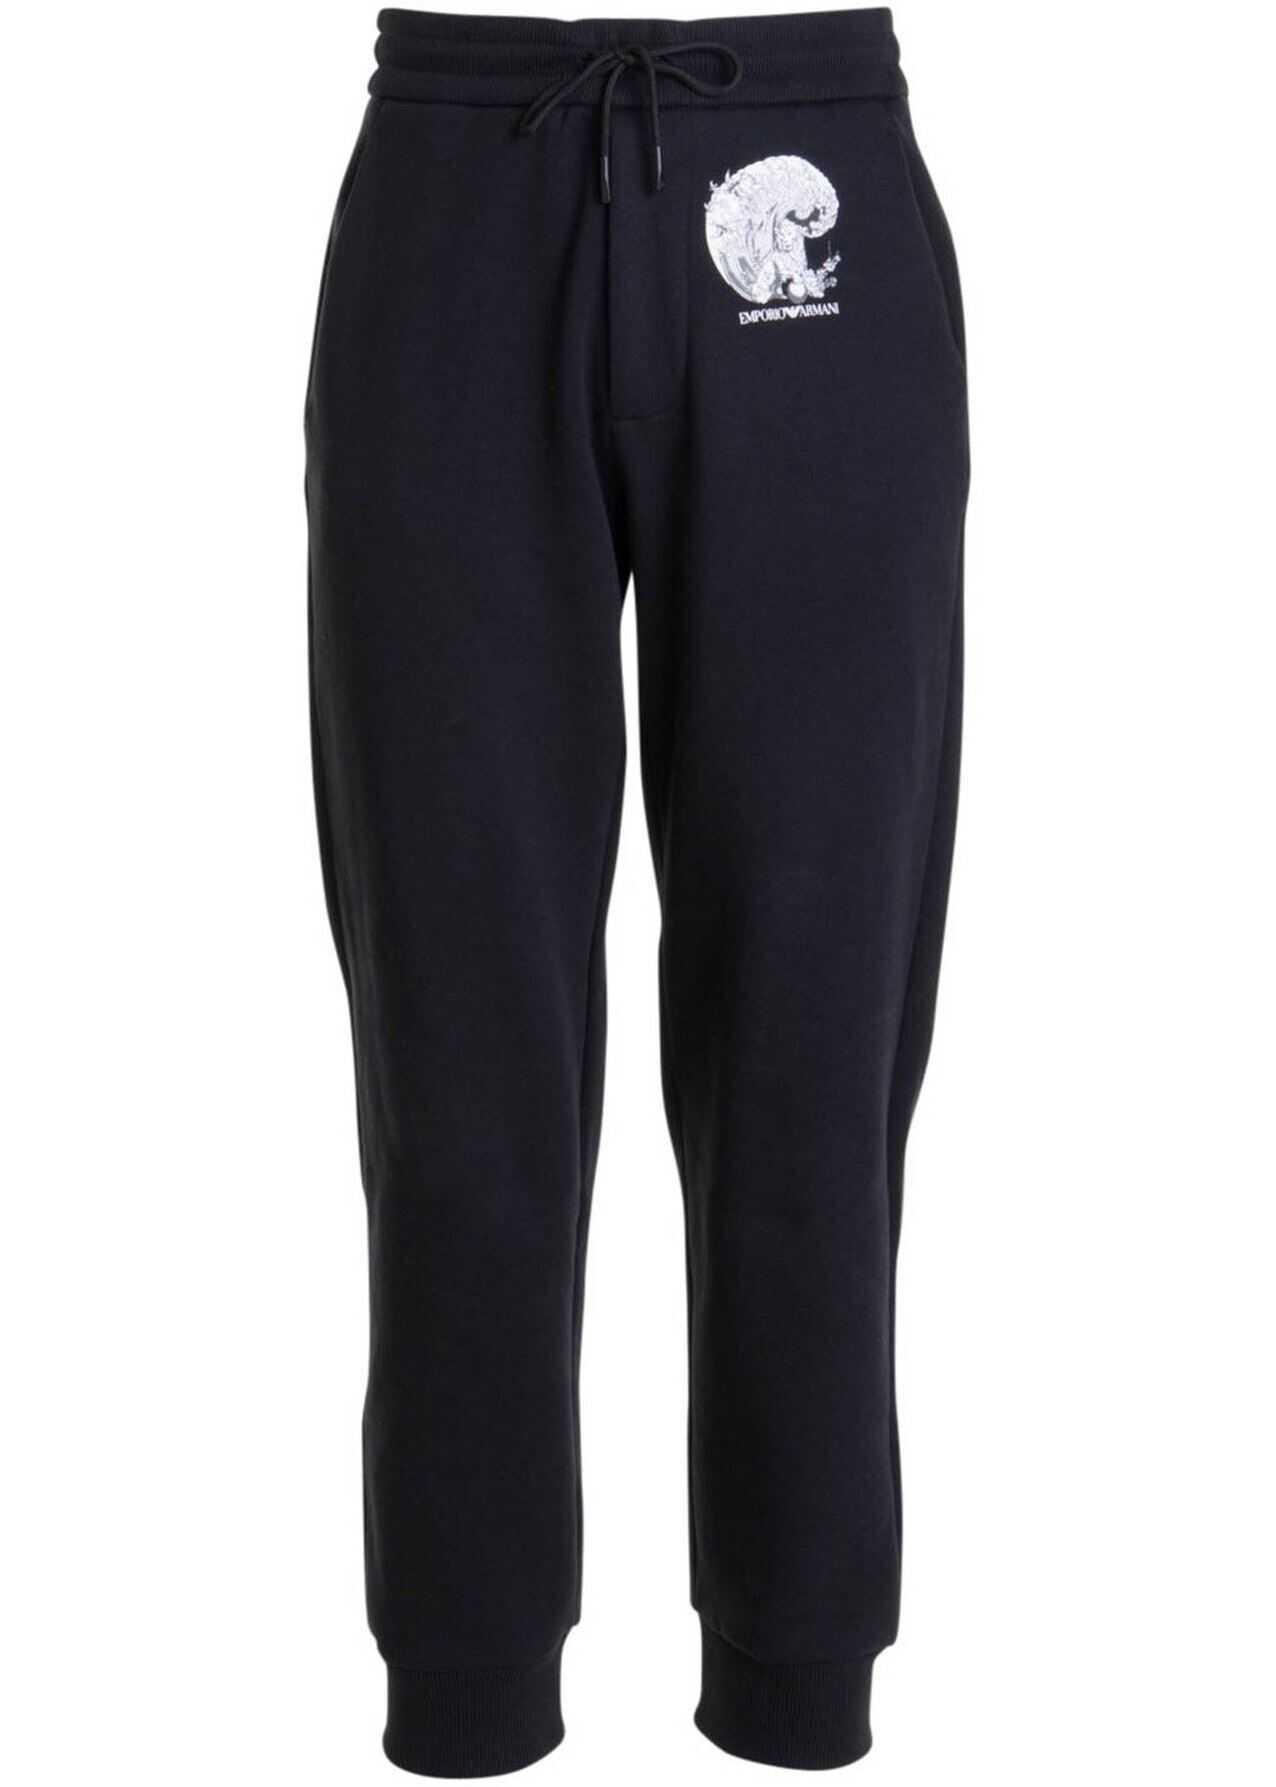 Emporio Armani Cotton Blend Joggers In Black Black imagine